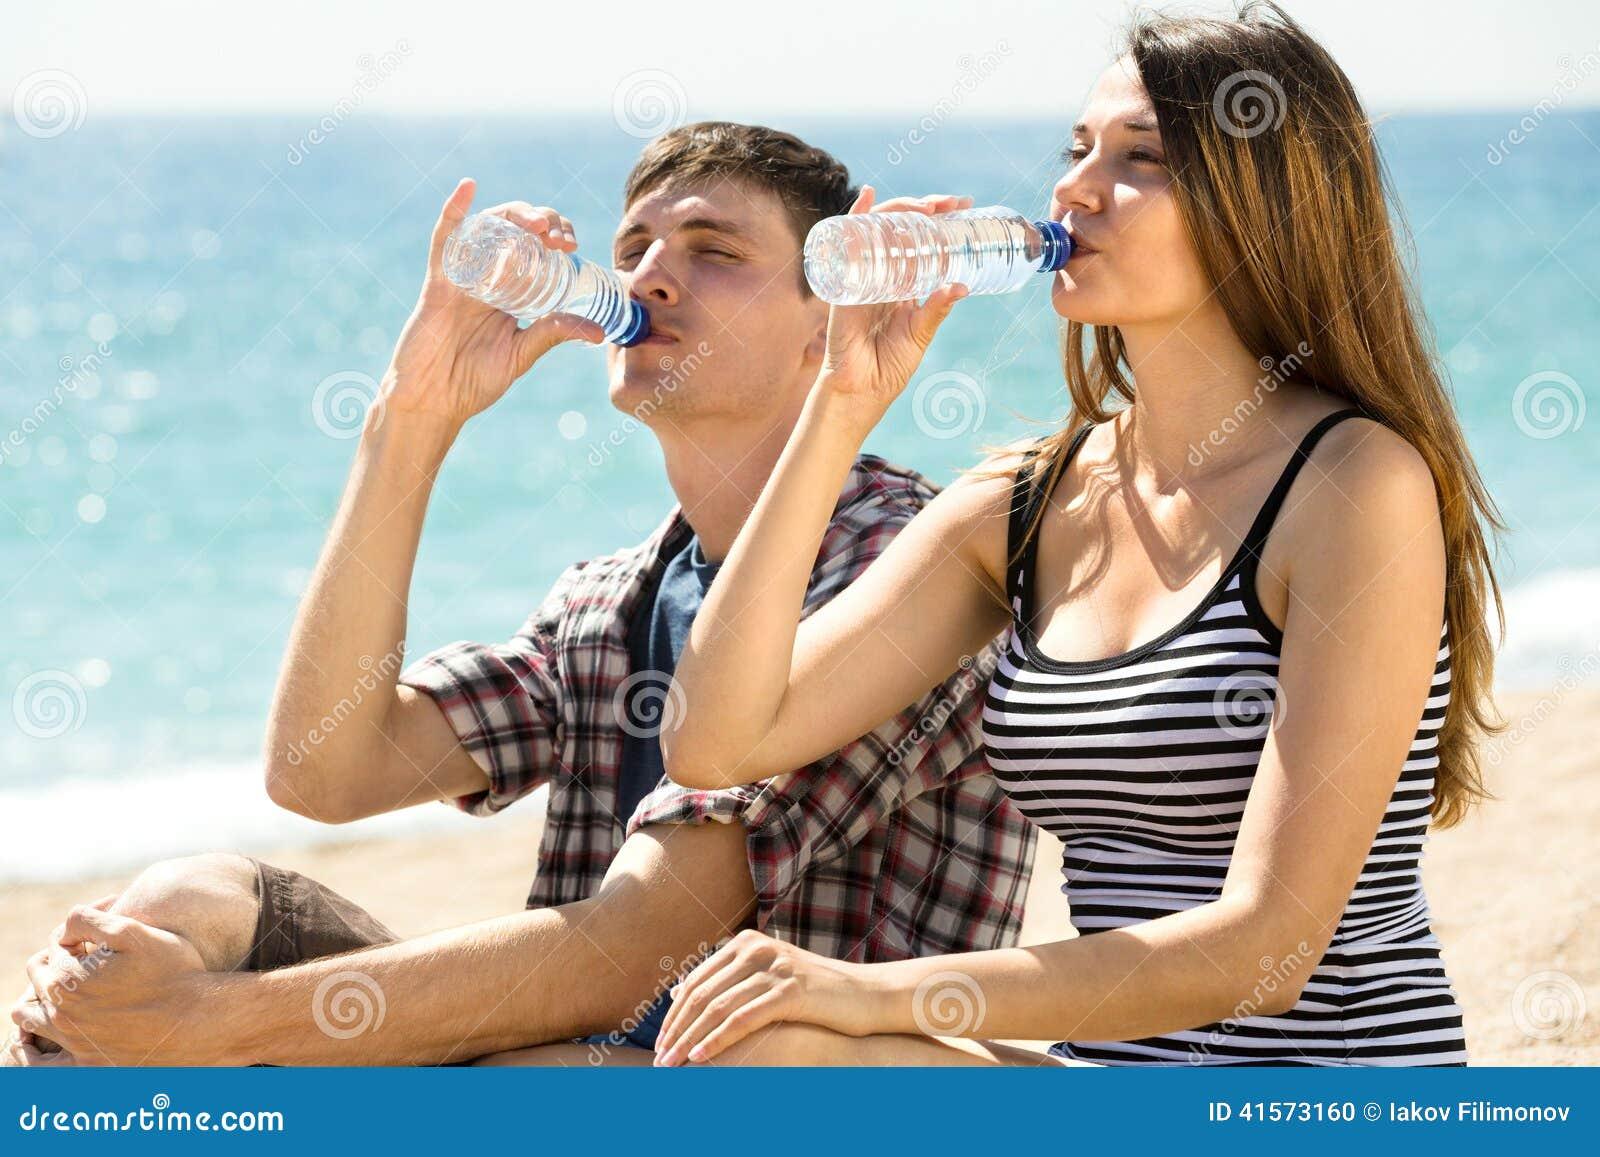 Coppie sulla spiaggia che beve acqua dolce